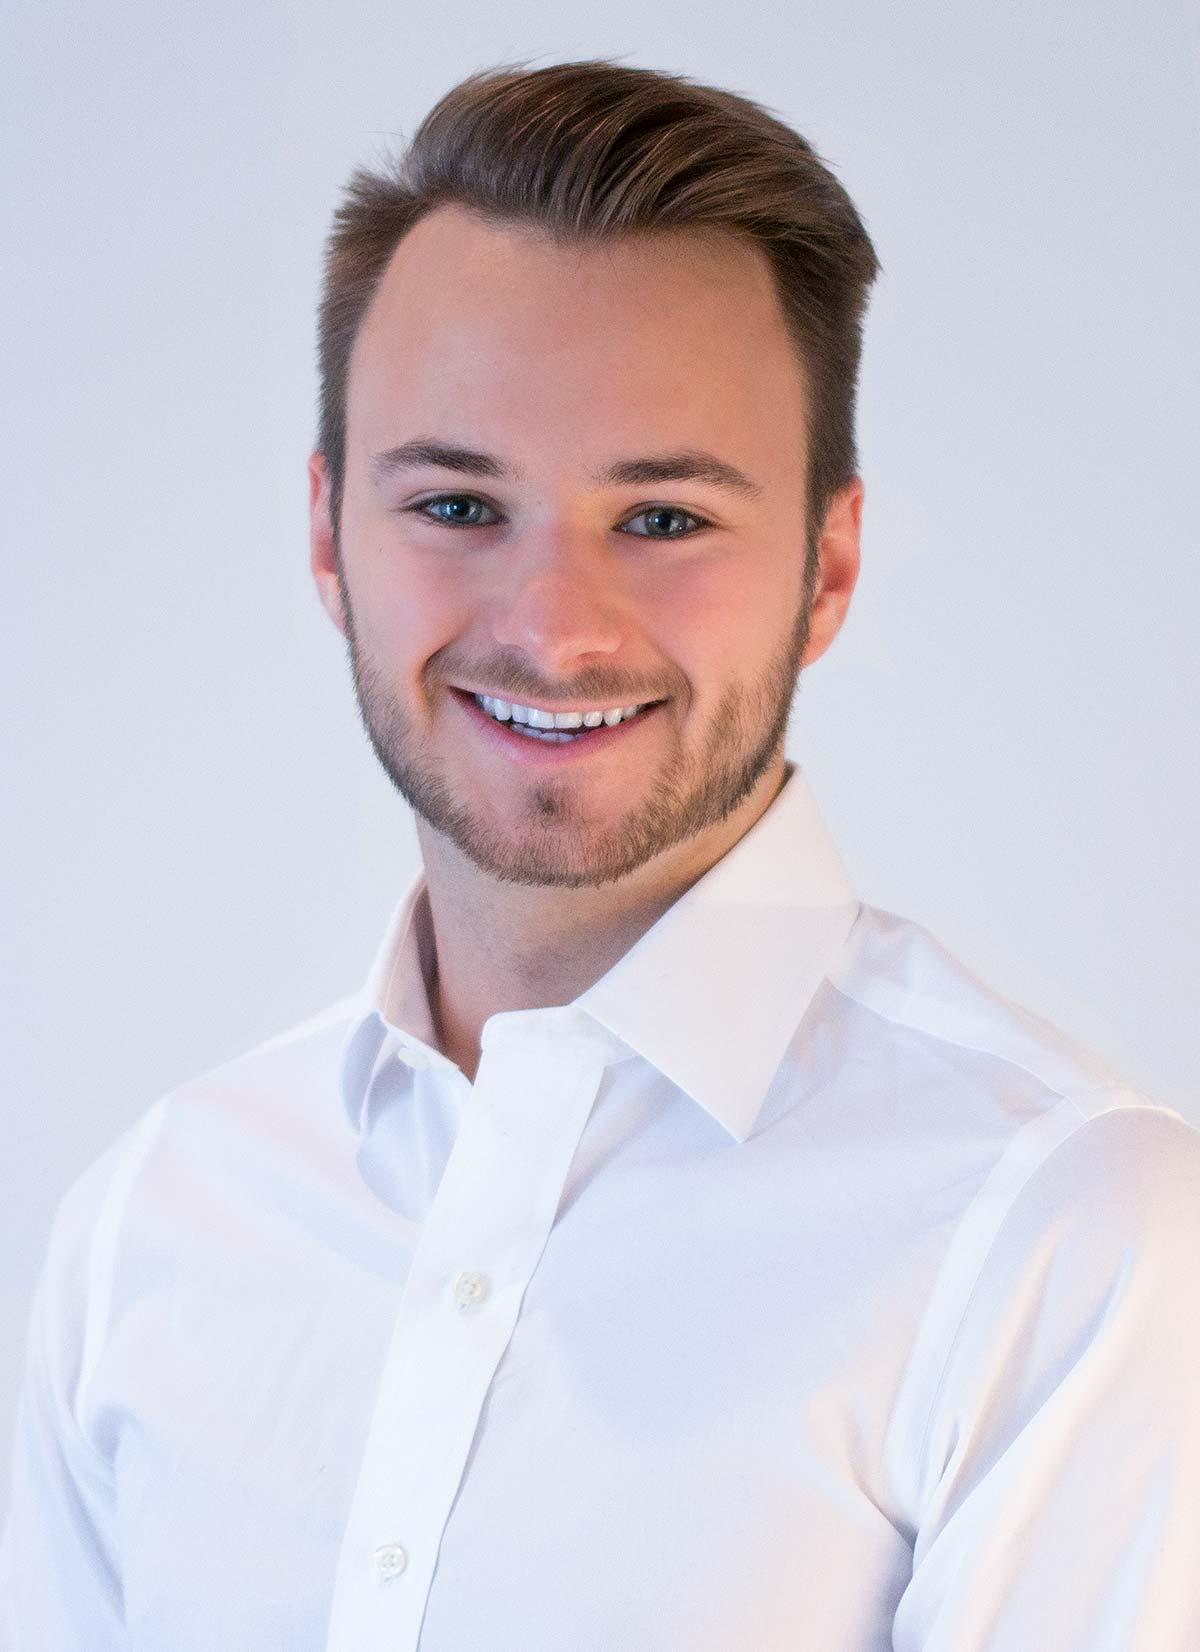 Andreas Zehetner - Geschäftsführer von SVM Bratislava s.r.o.